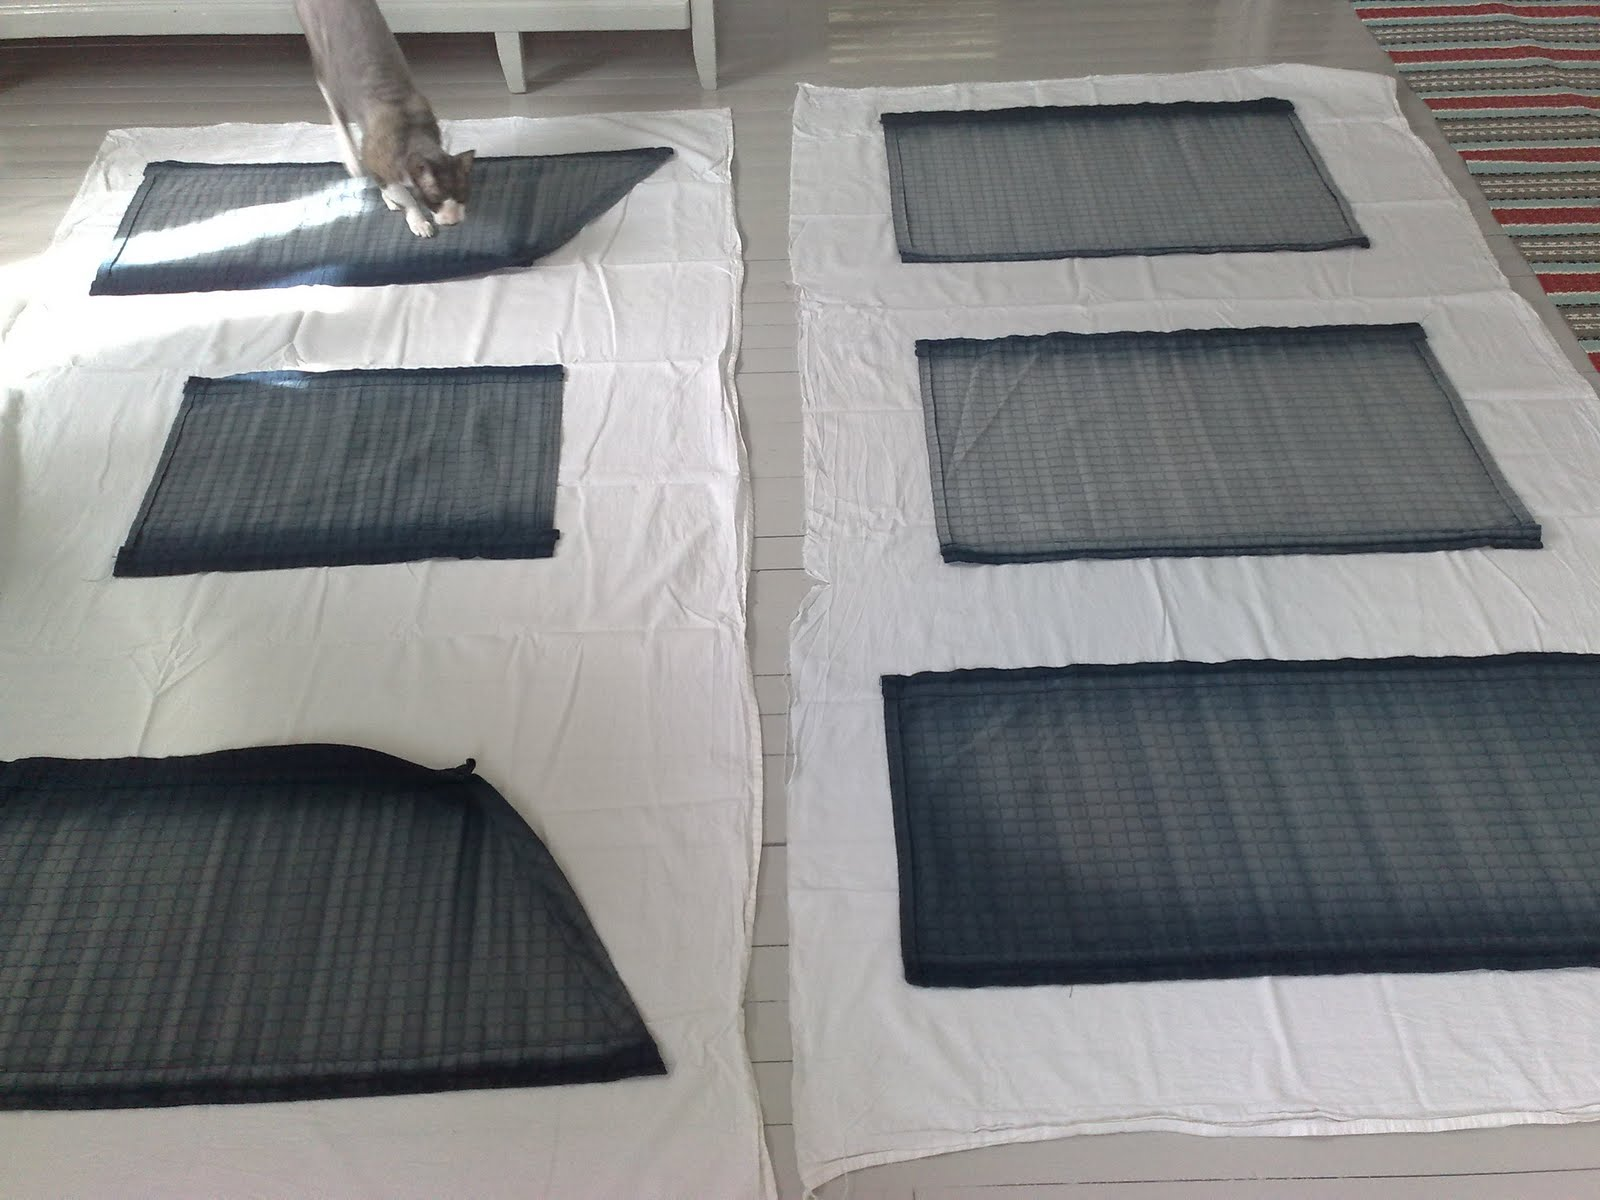 sy gardiner Bygdegården: Sy gardiner till båten  ett lätt projekt sy gardiner